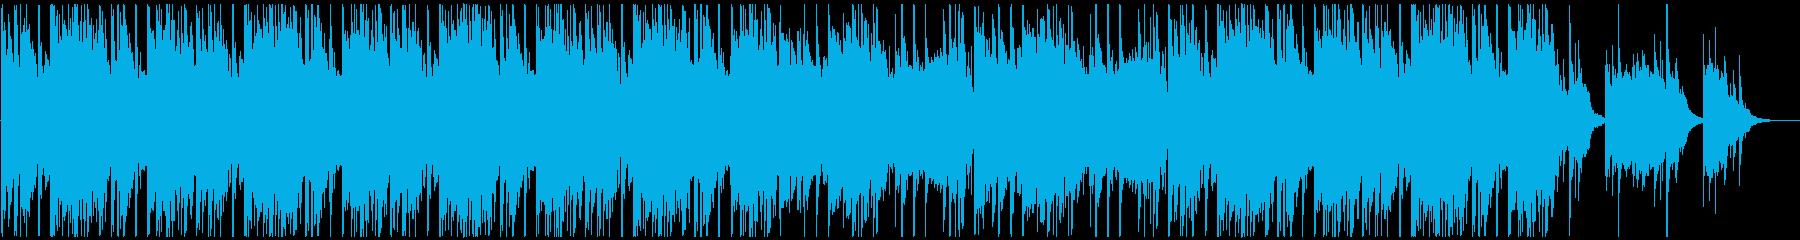 オーディオドラマ向けBGM/サスペンス3の再生済みの波形